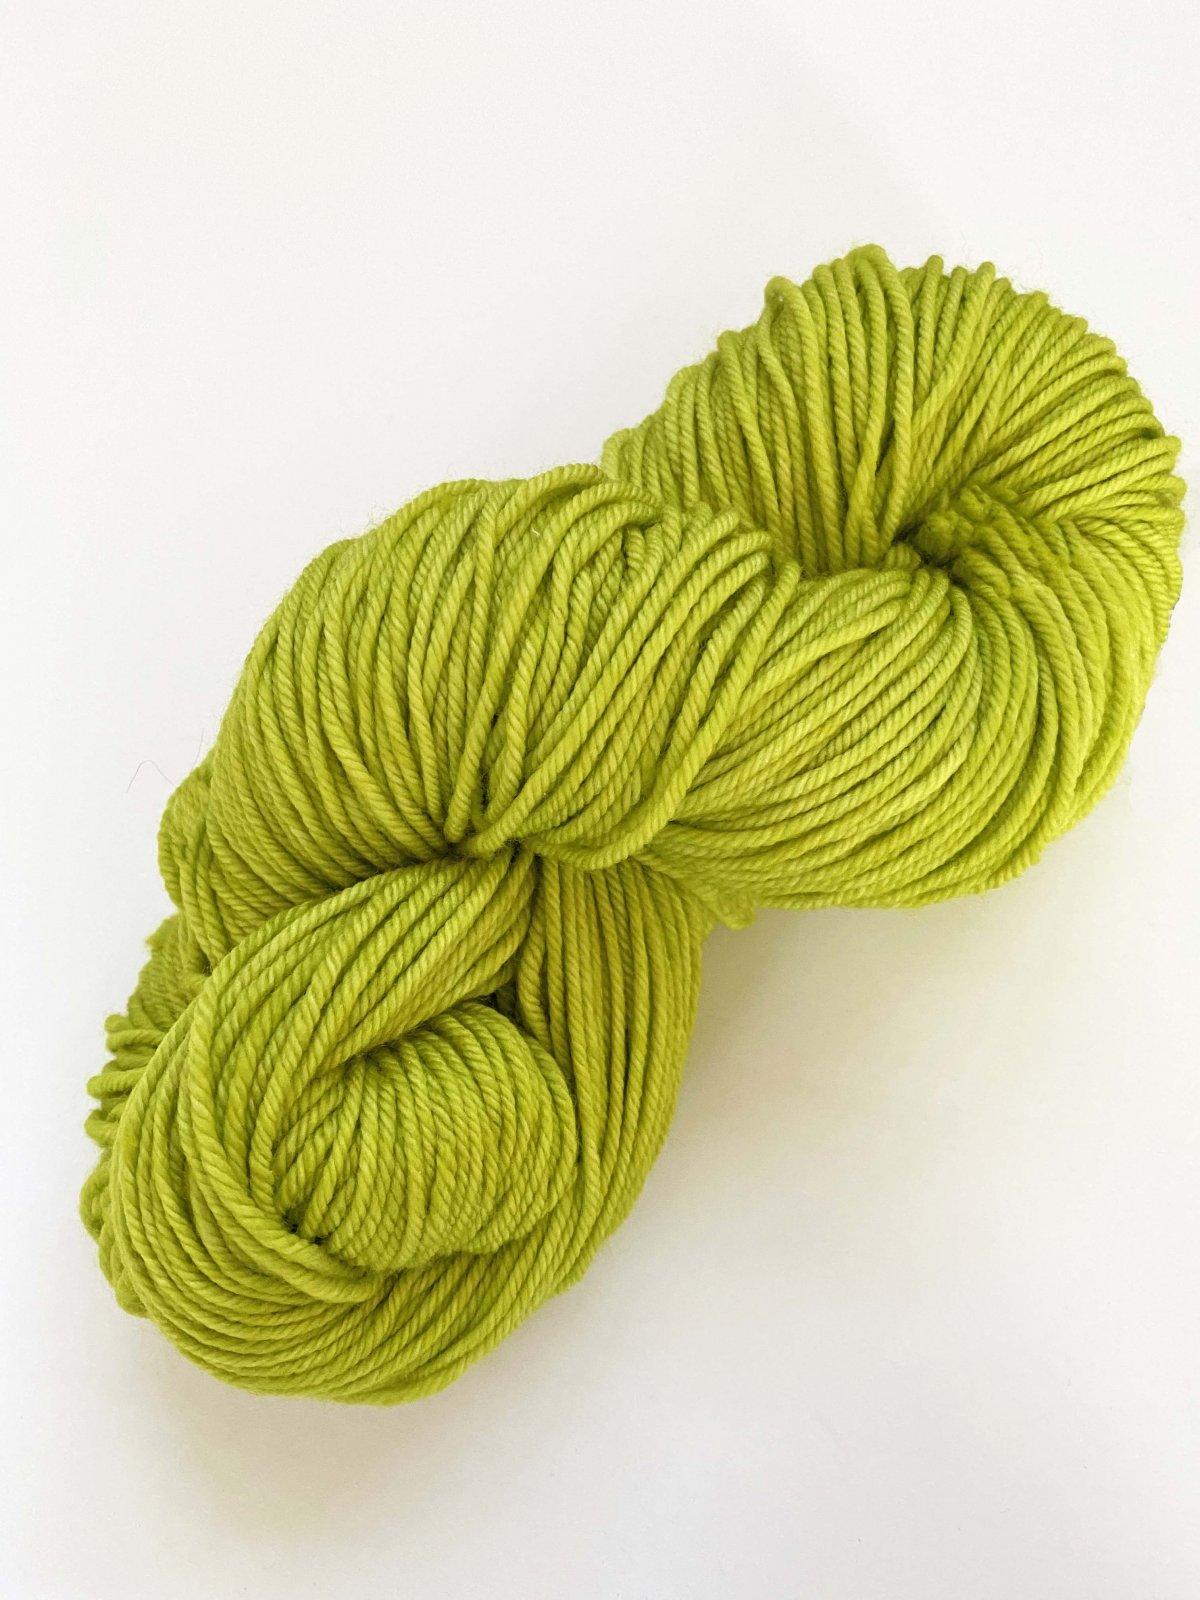 Malabrigo Rios Apple Green